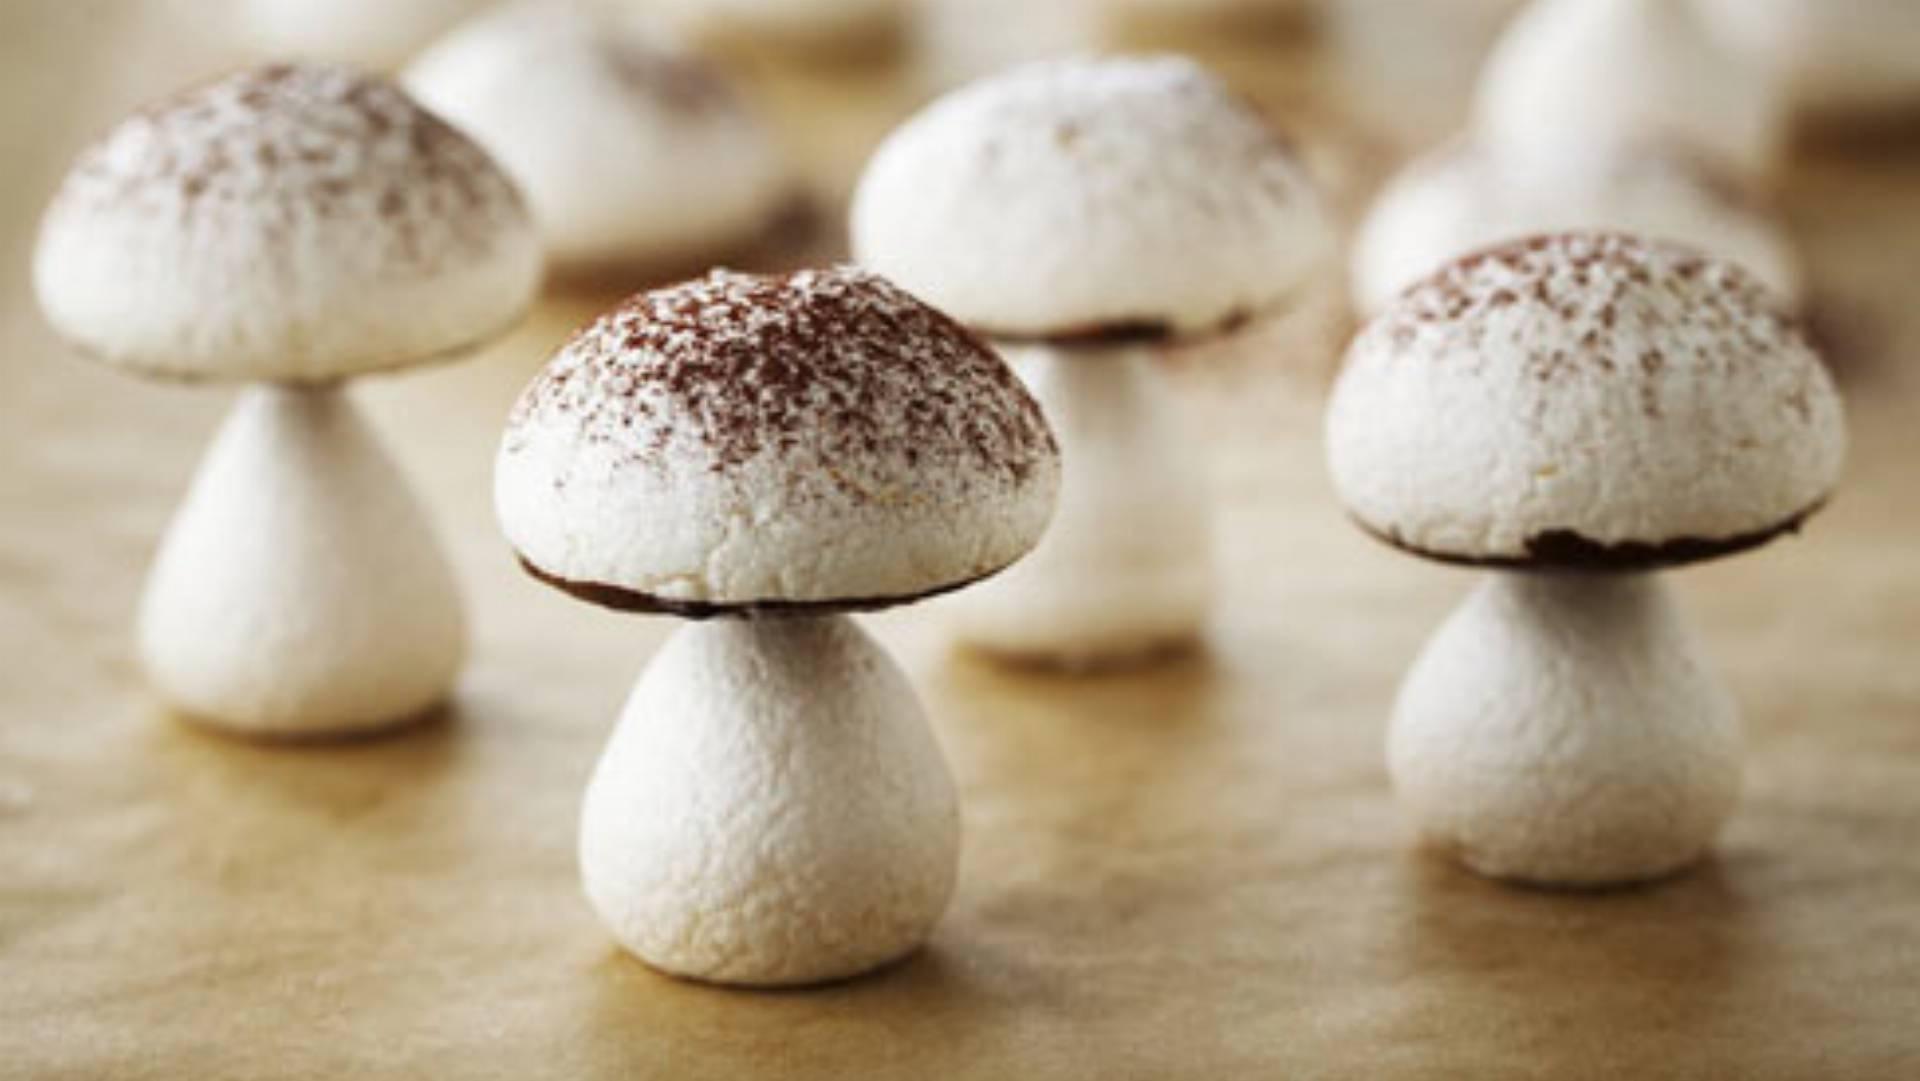 Mushroom Shaped Cake Recipe